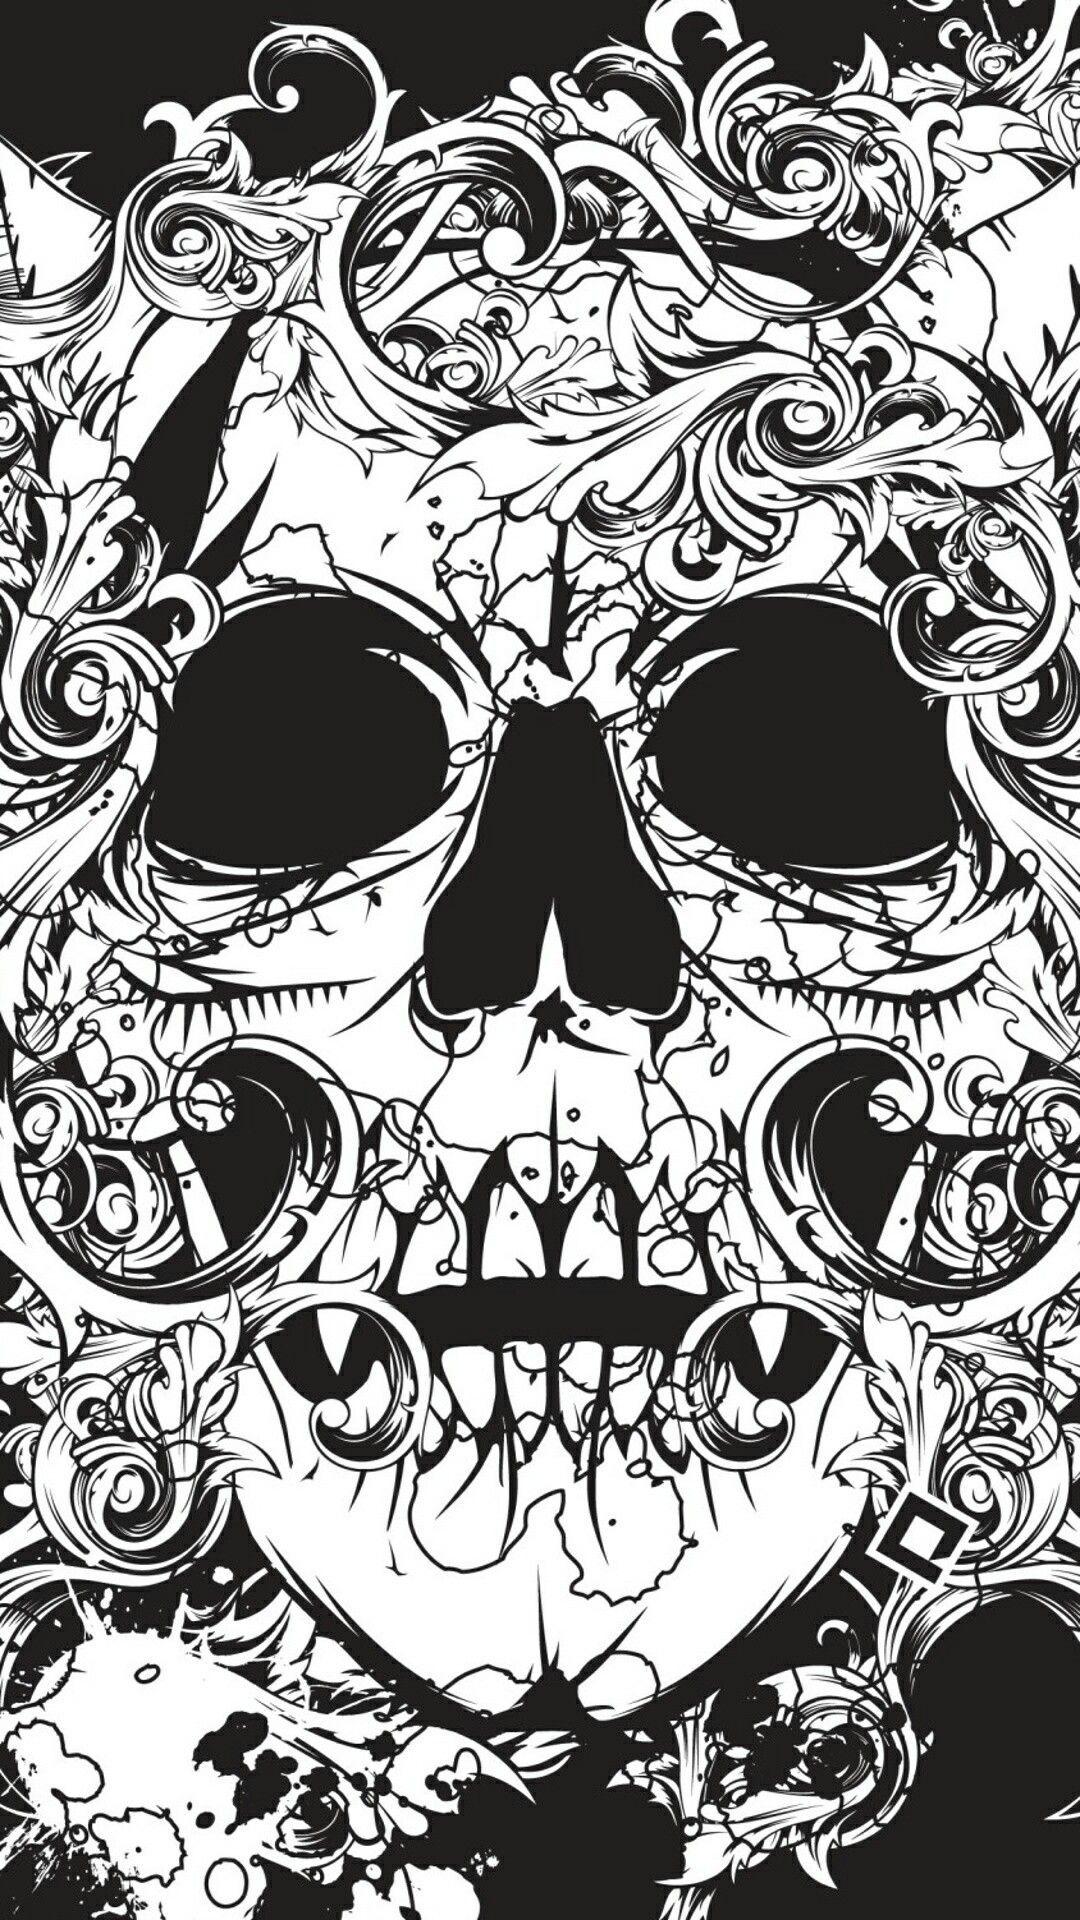 Feminine Sugar Skull Wallpaper Iphone In 2020 Skull Wallpaper Iphone Sugar Skull Wallpaper Skull Wallpaper